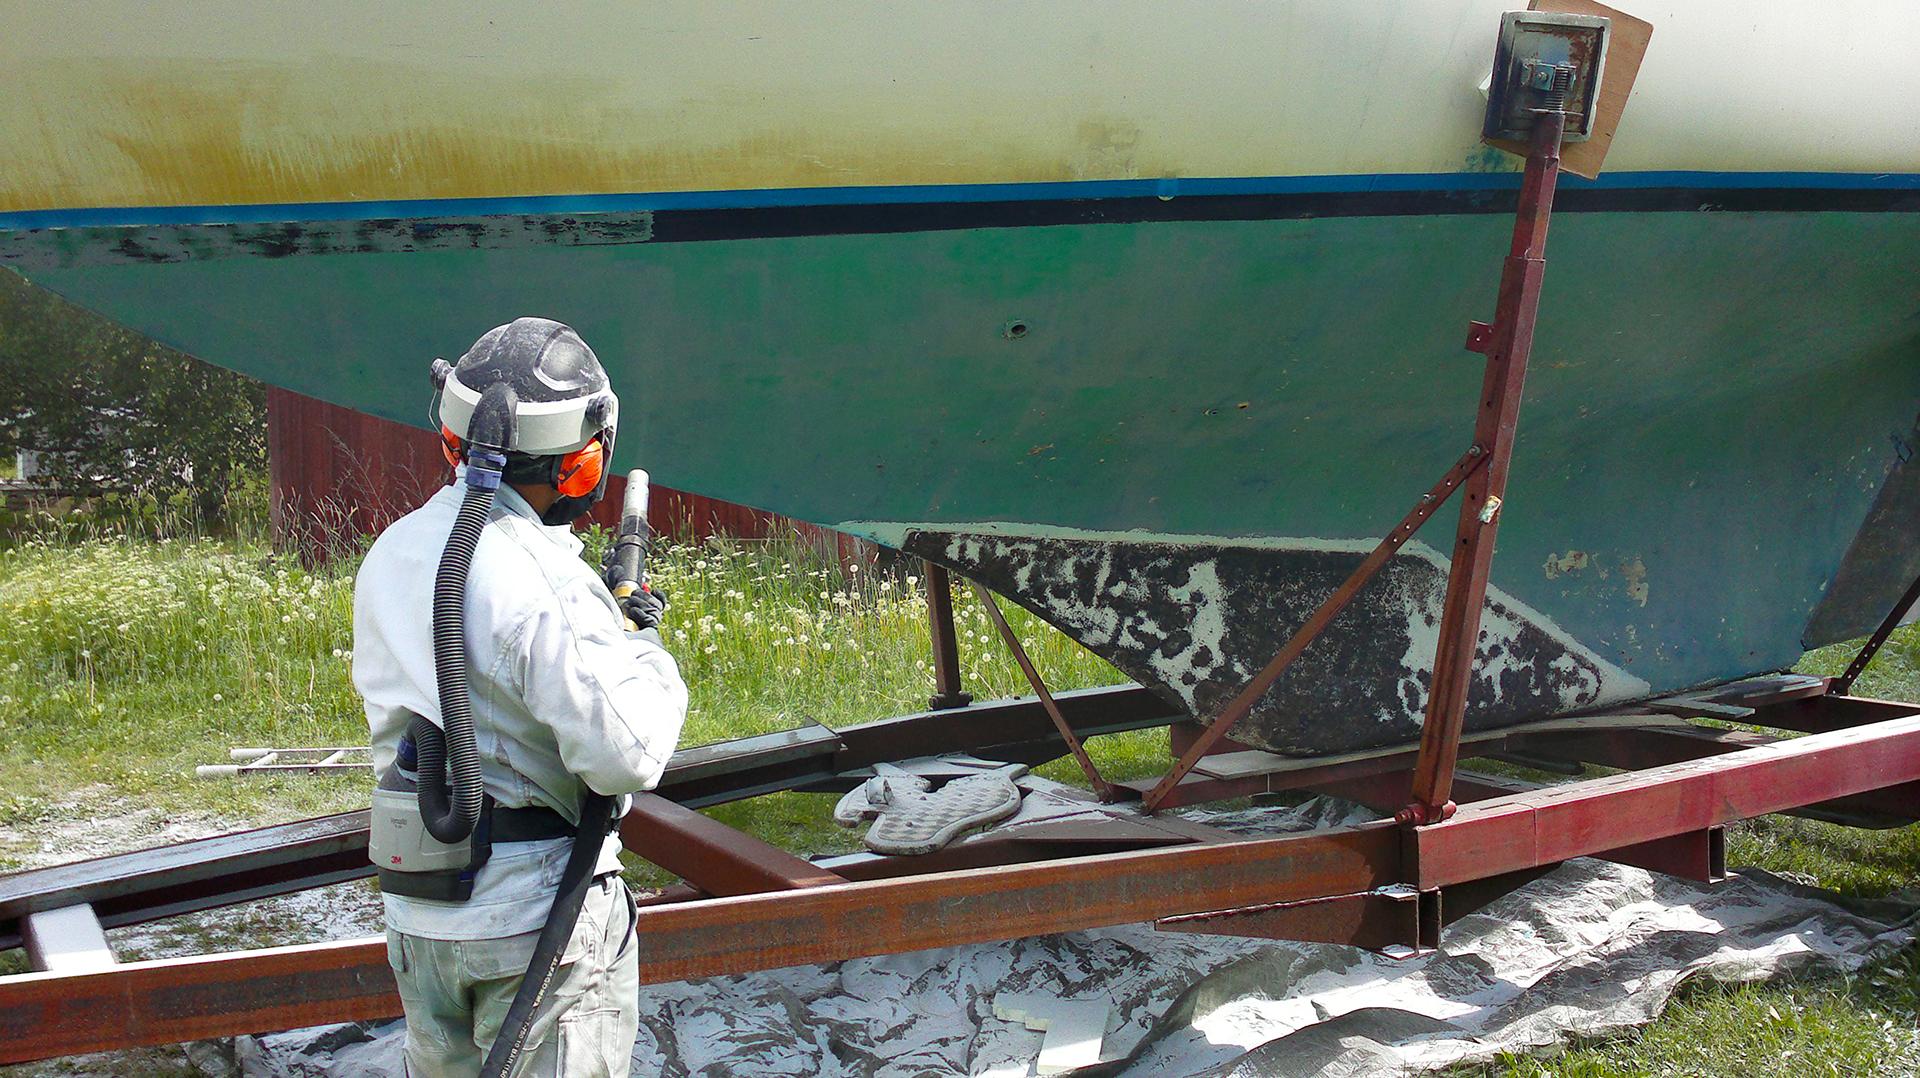 Poharemontin yhteydessä vesilinjaa nostettiin vanhan kylkiviivan verran.